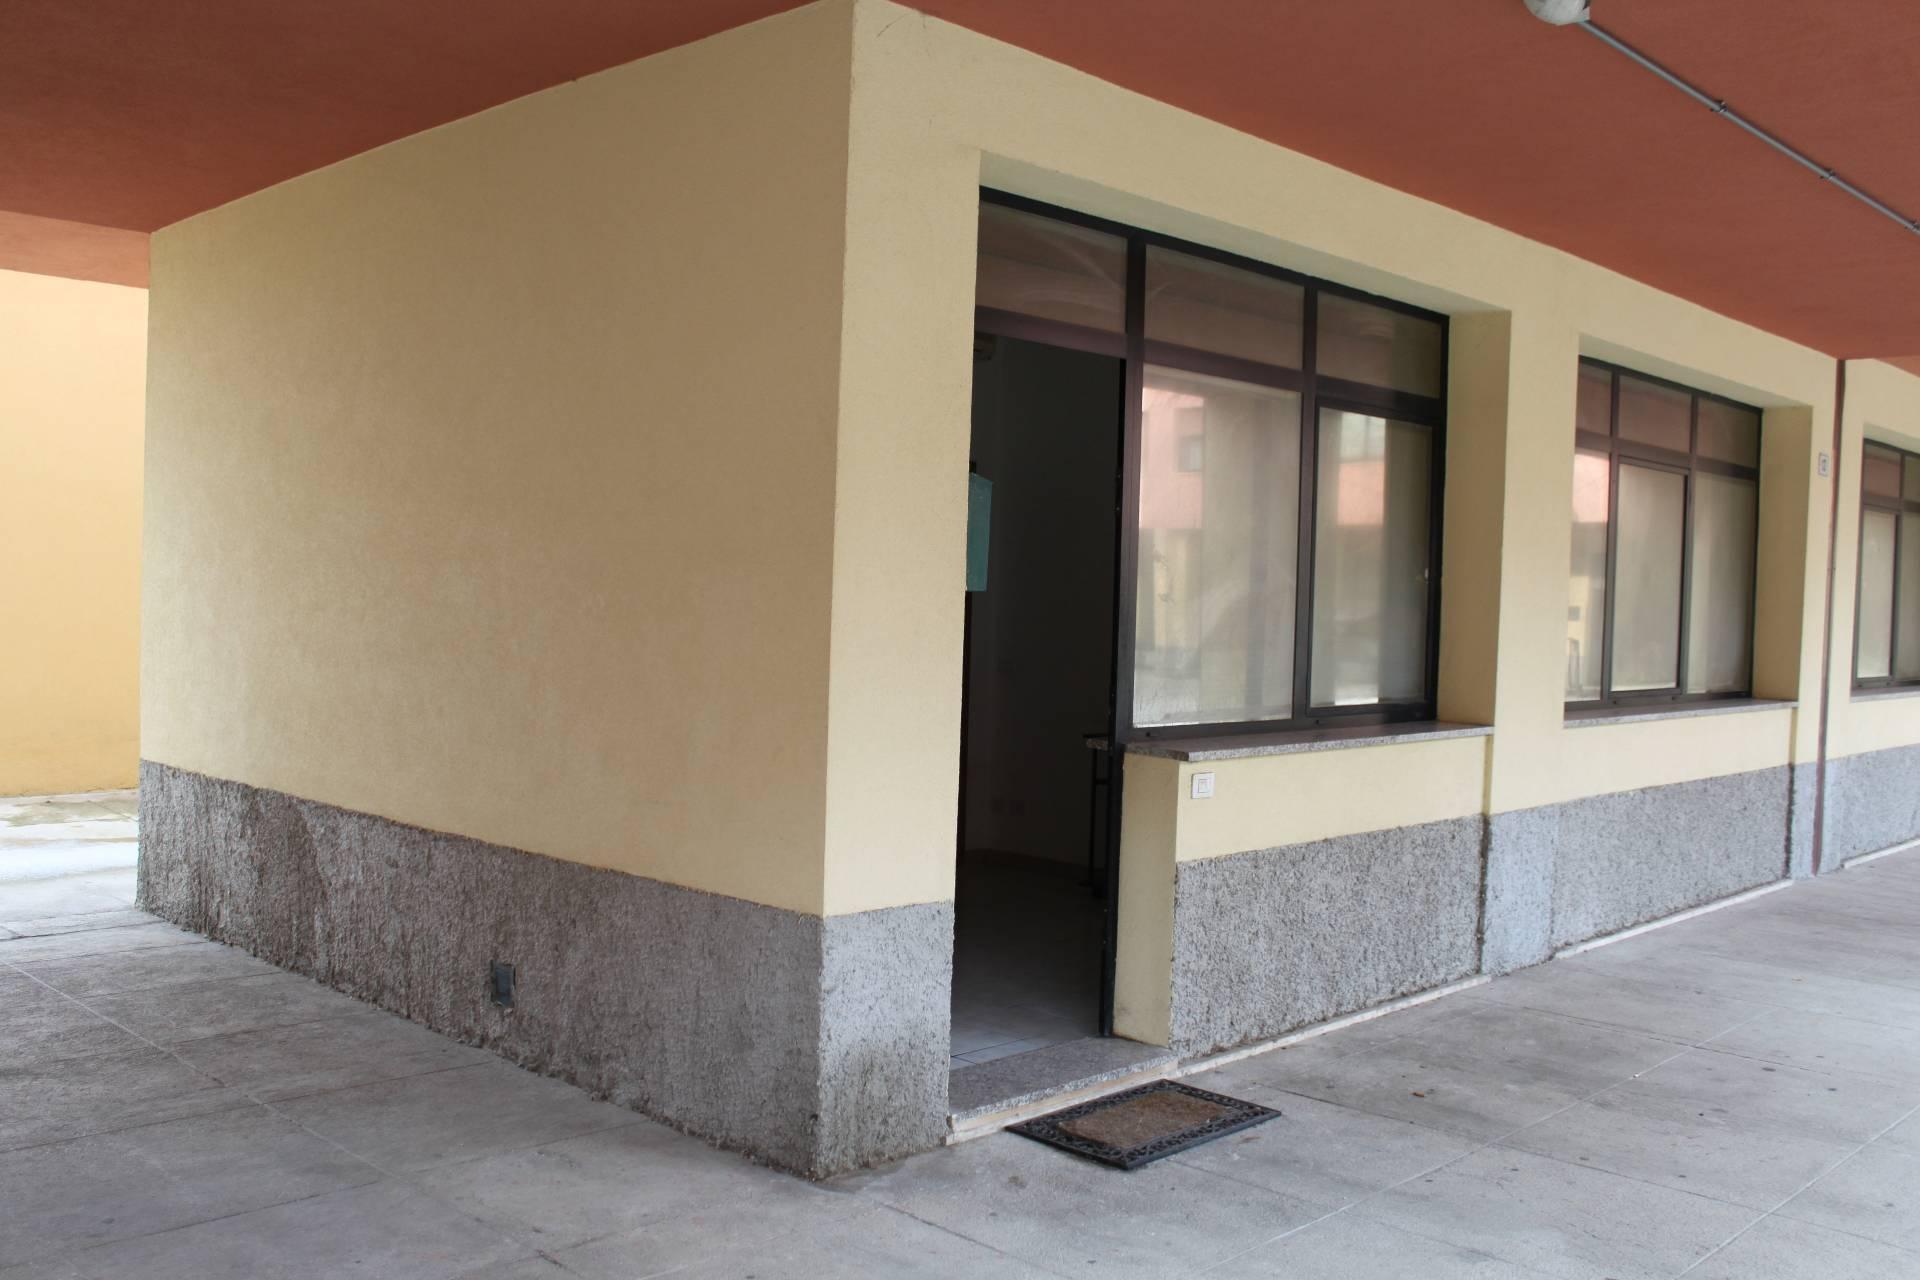 Appartamento in vendita a Agugliano, 2 locali, prezzo € 35.000 | Cambio Casa.it